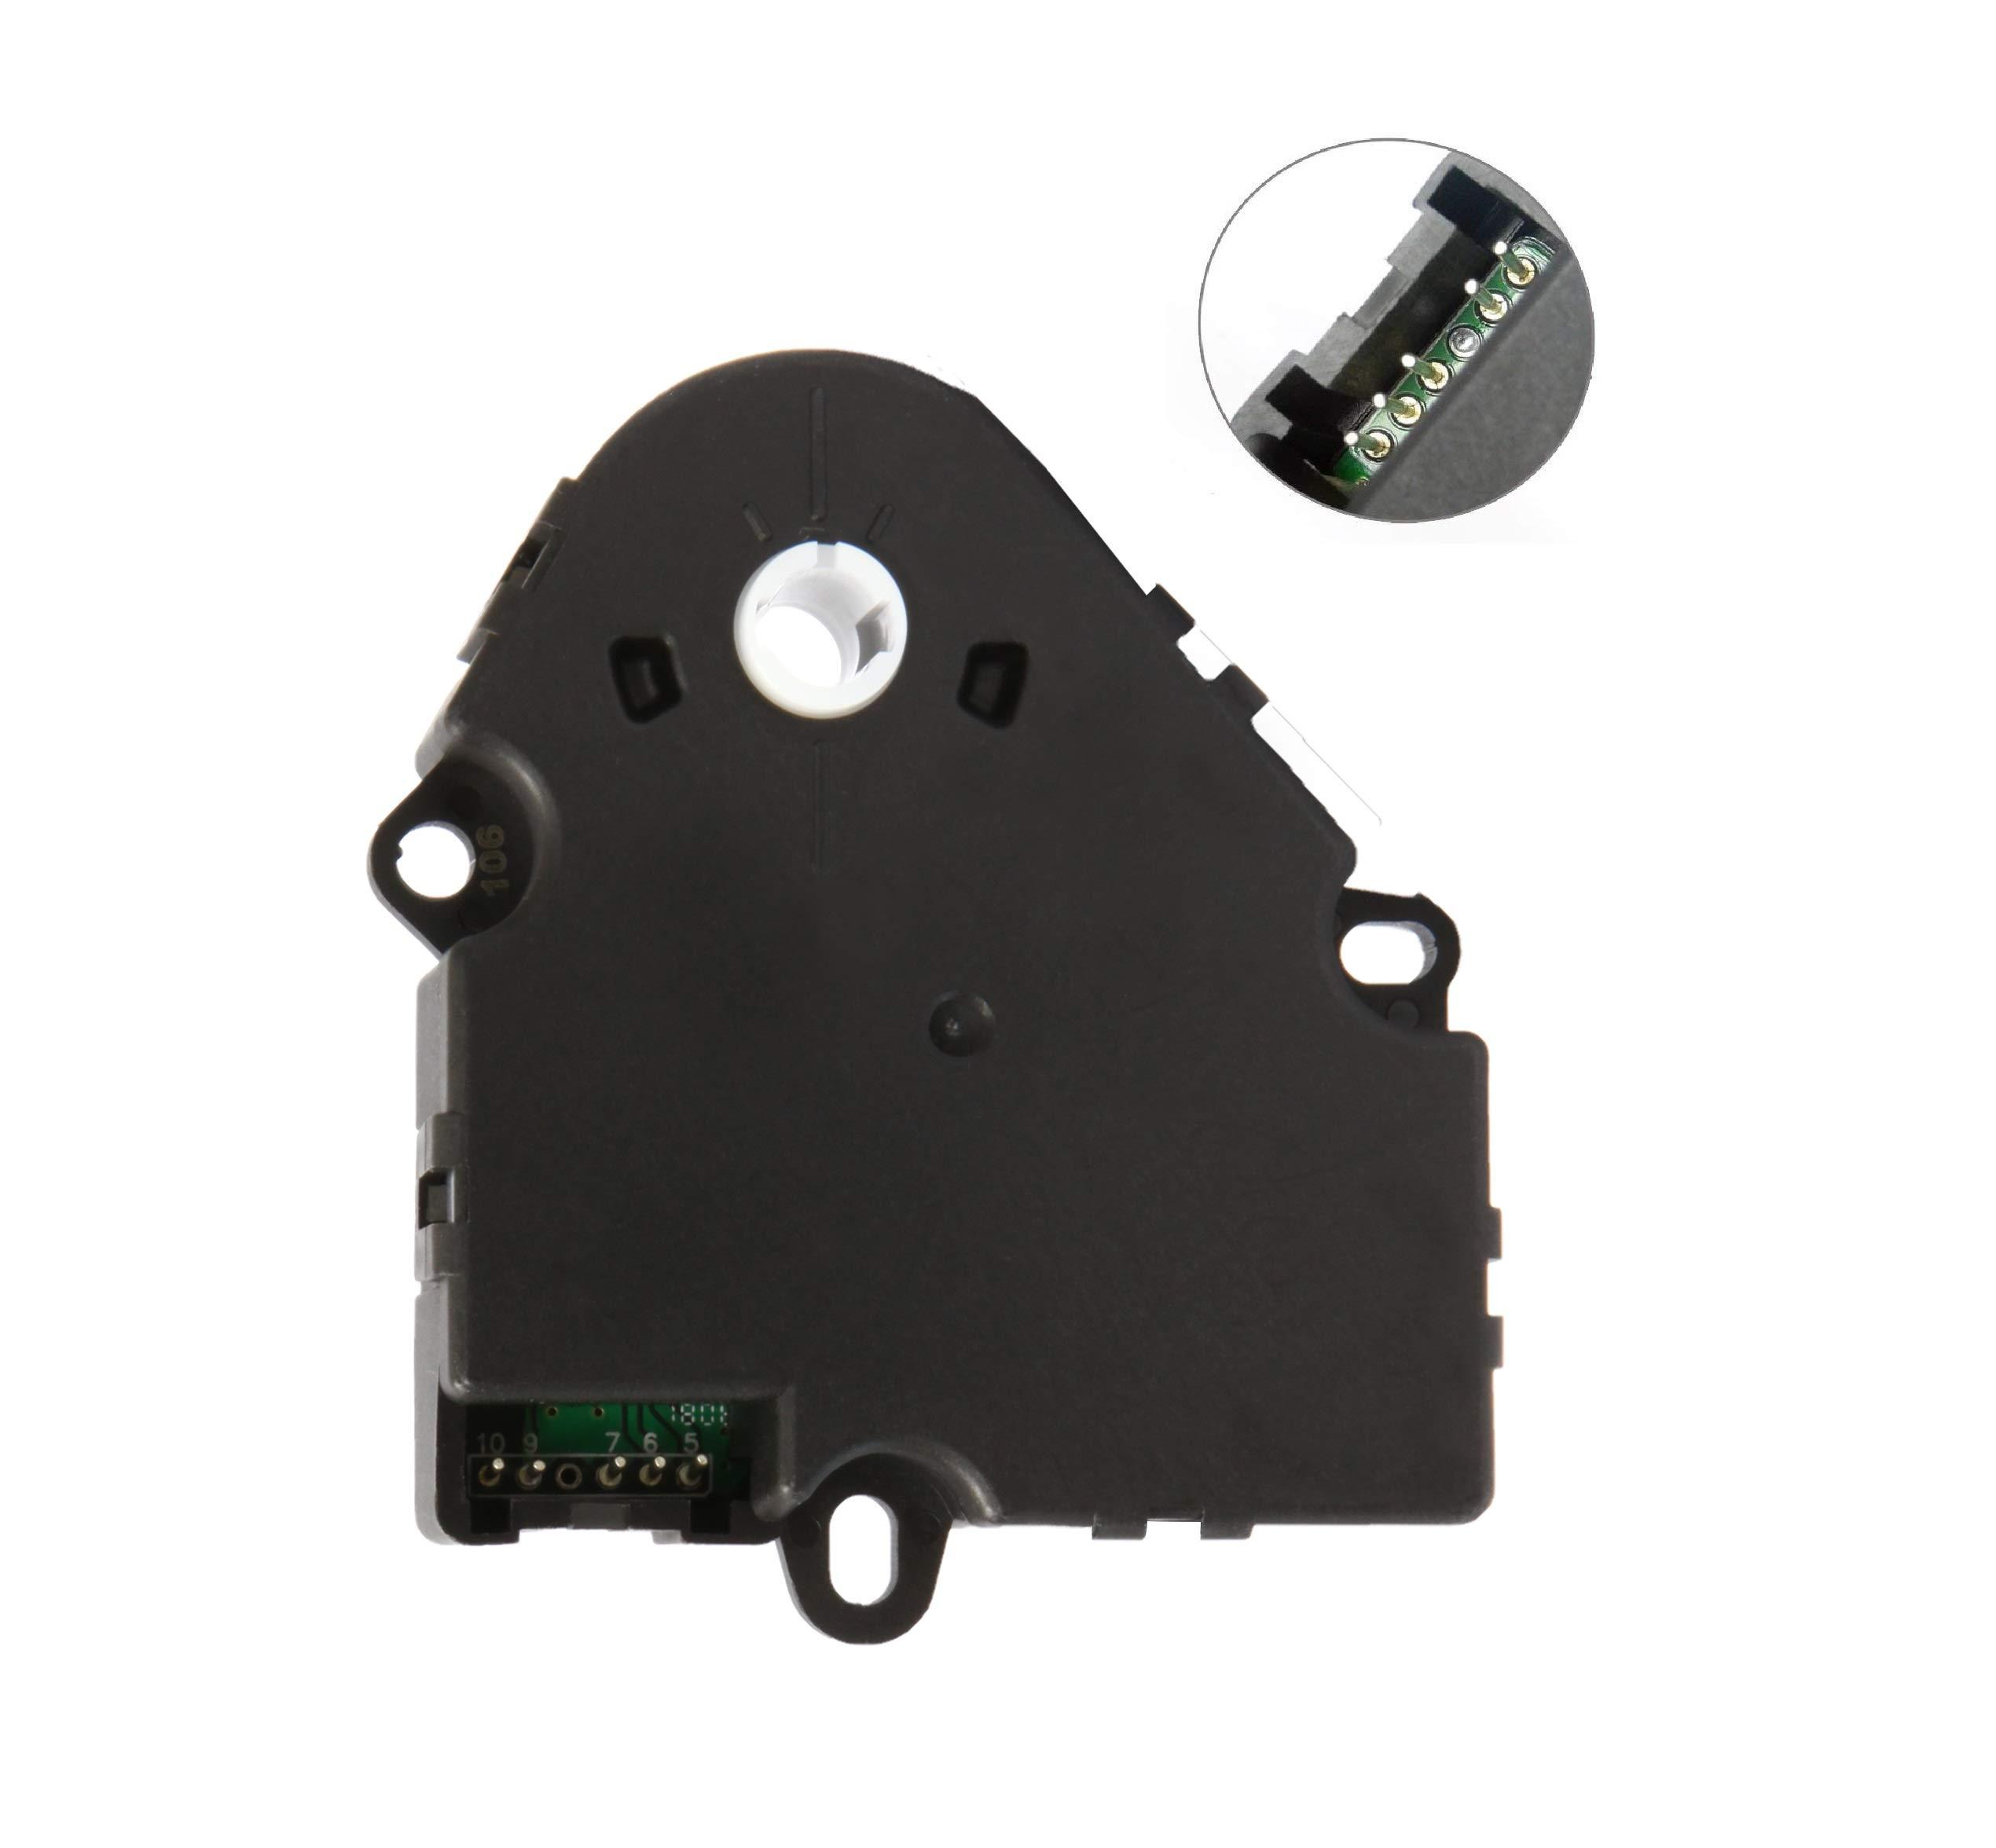 Blend Door Actuator for Chevy Silverado 1500 Silverado 2500 HD Tahoe, GMC Sierra 1500 99 00 01 02 03 04 05 06 07 08 09 10 11 12 13 Heat Blend Door Replaces 89018365, 52402588, 15-72971, 604-106